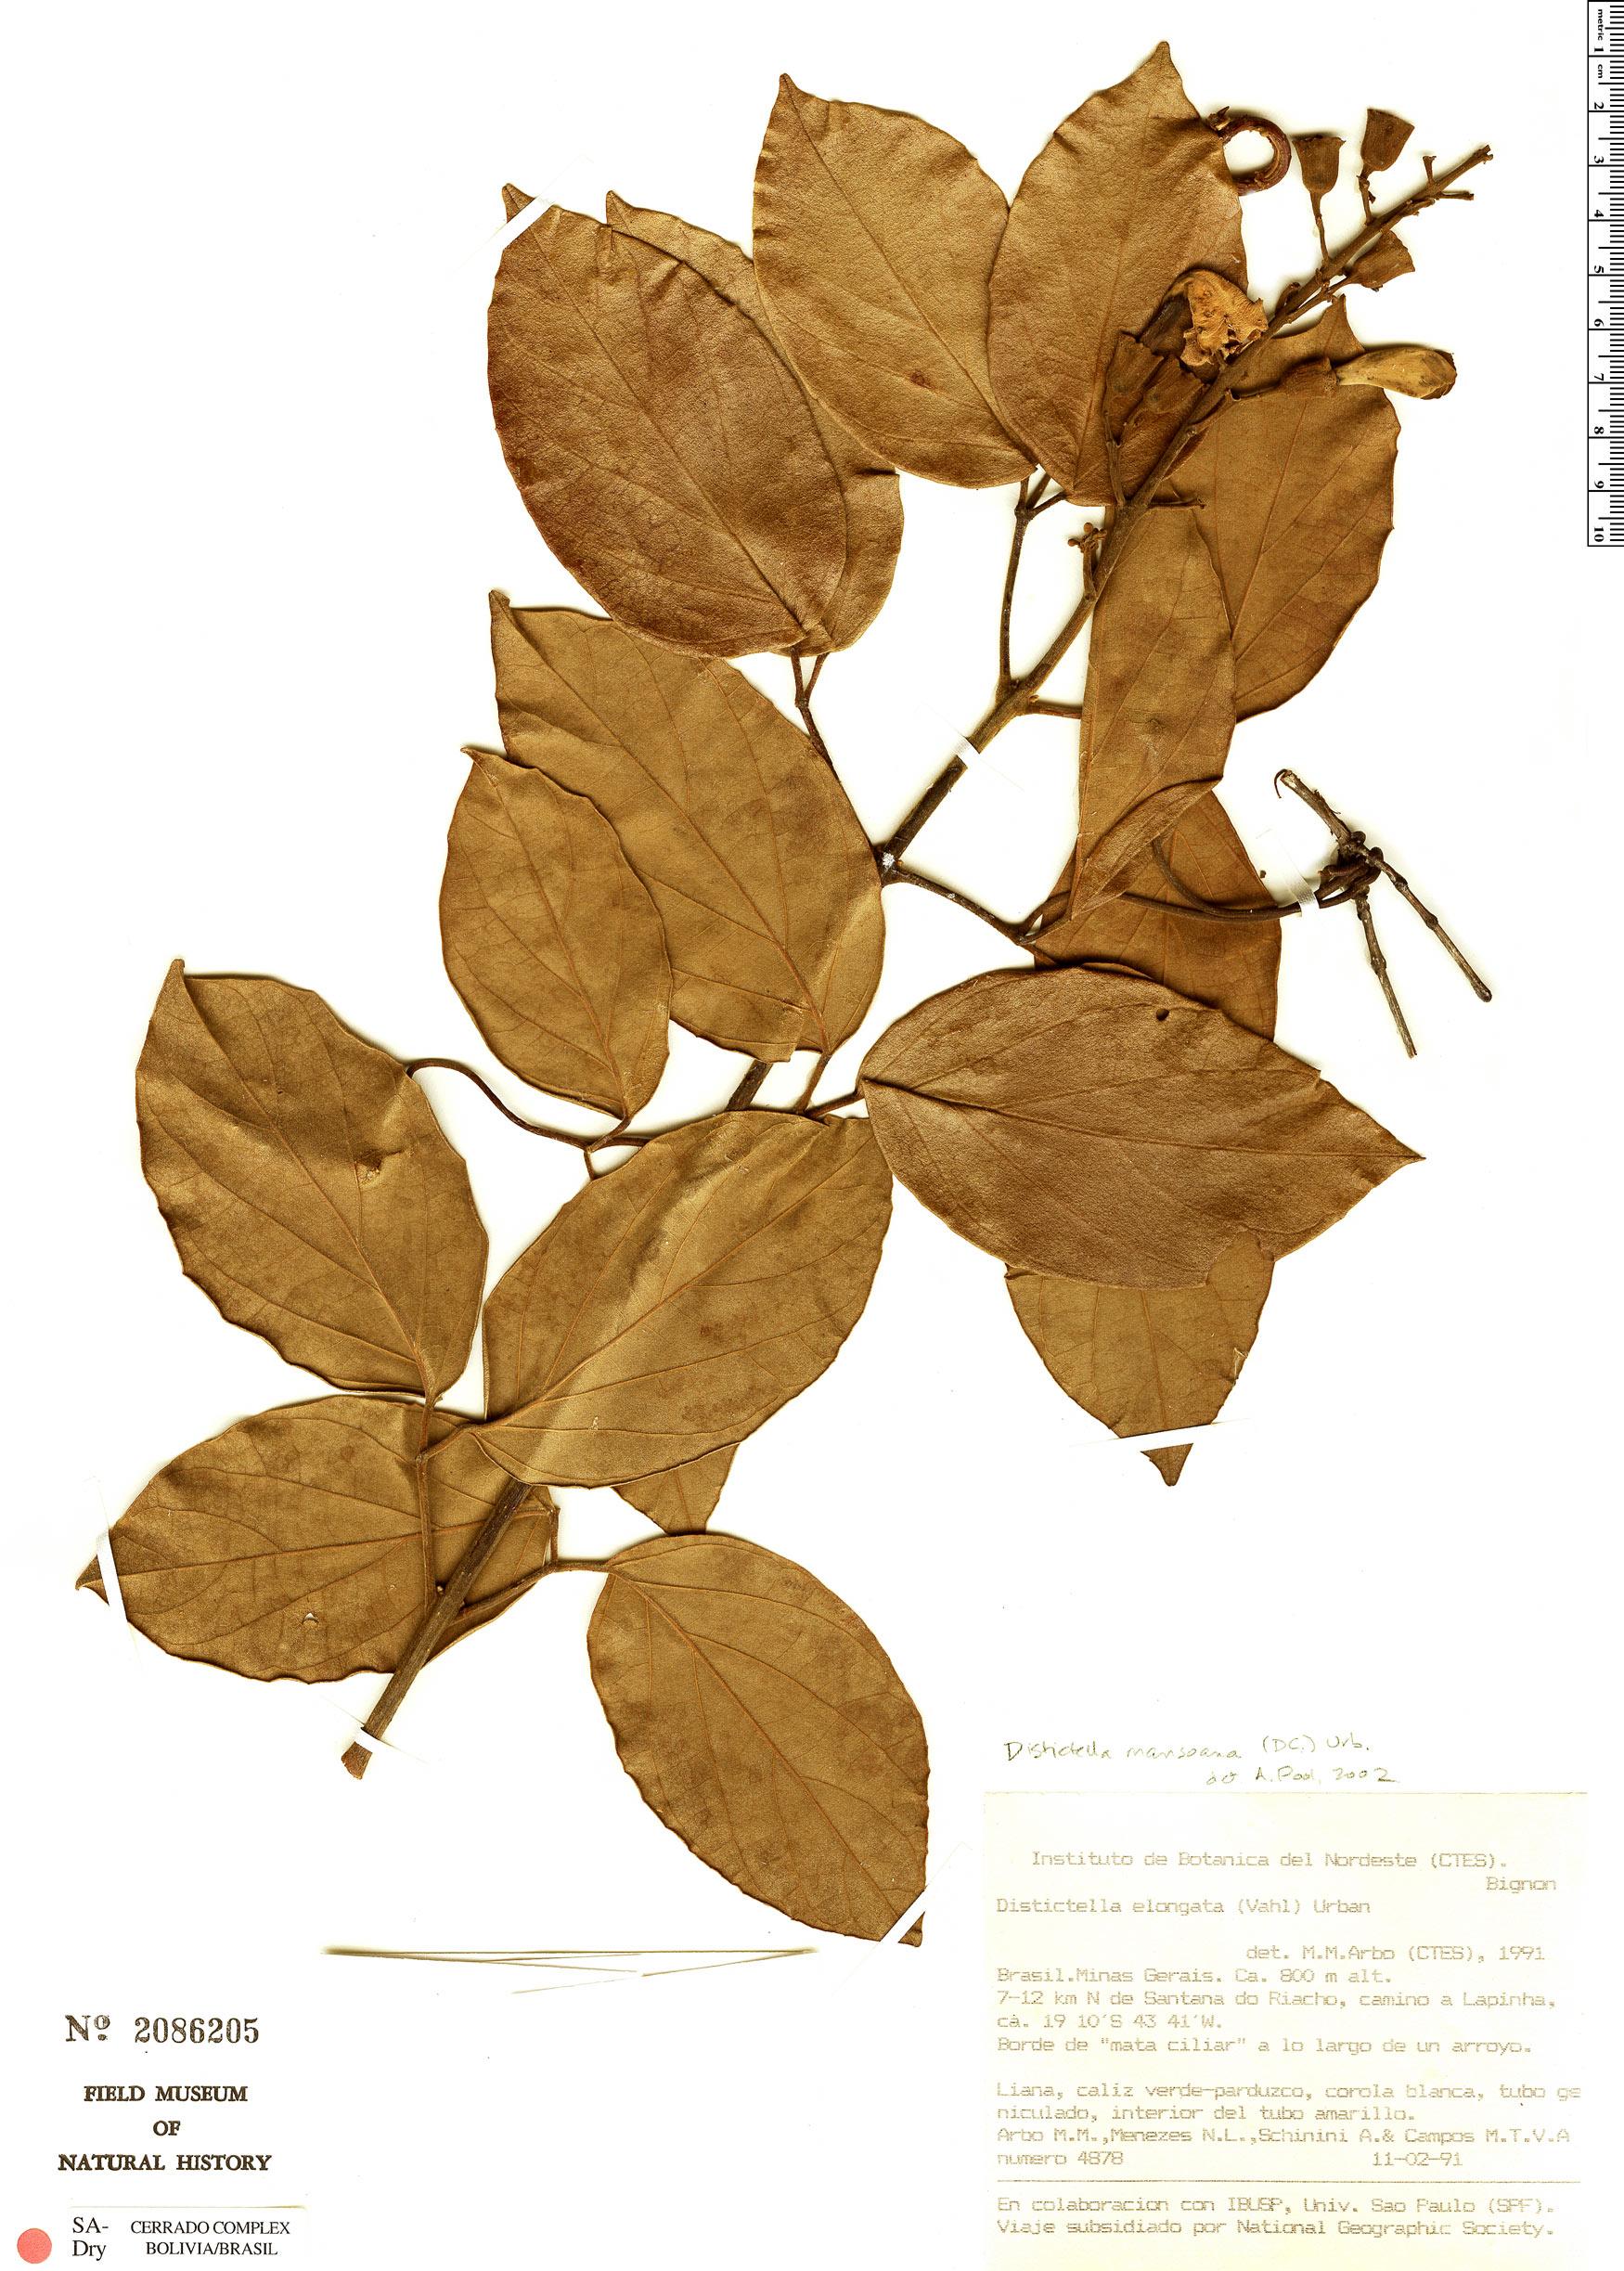 Specimen: Amphilophium mansoanum